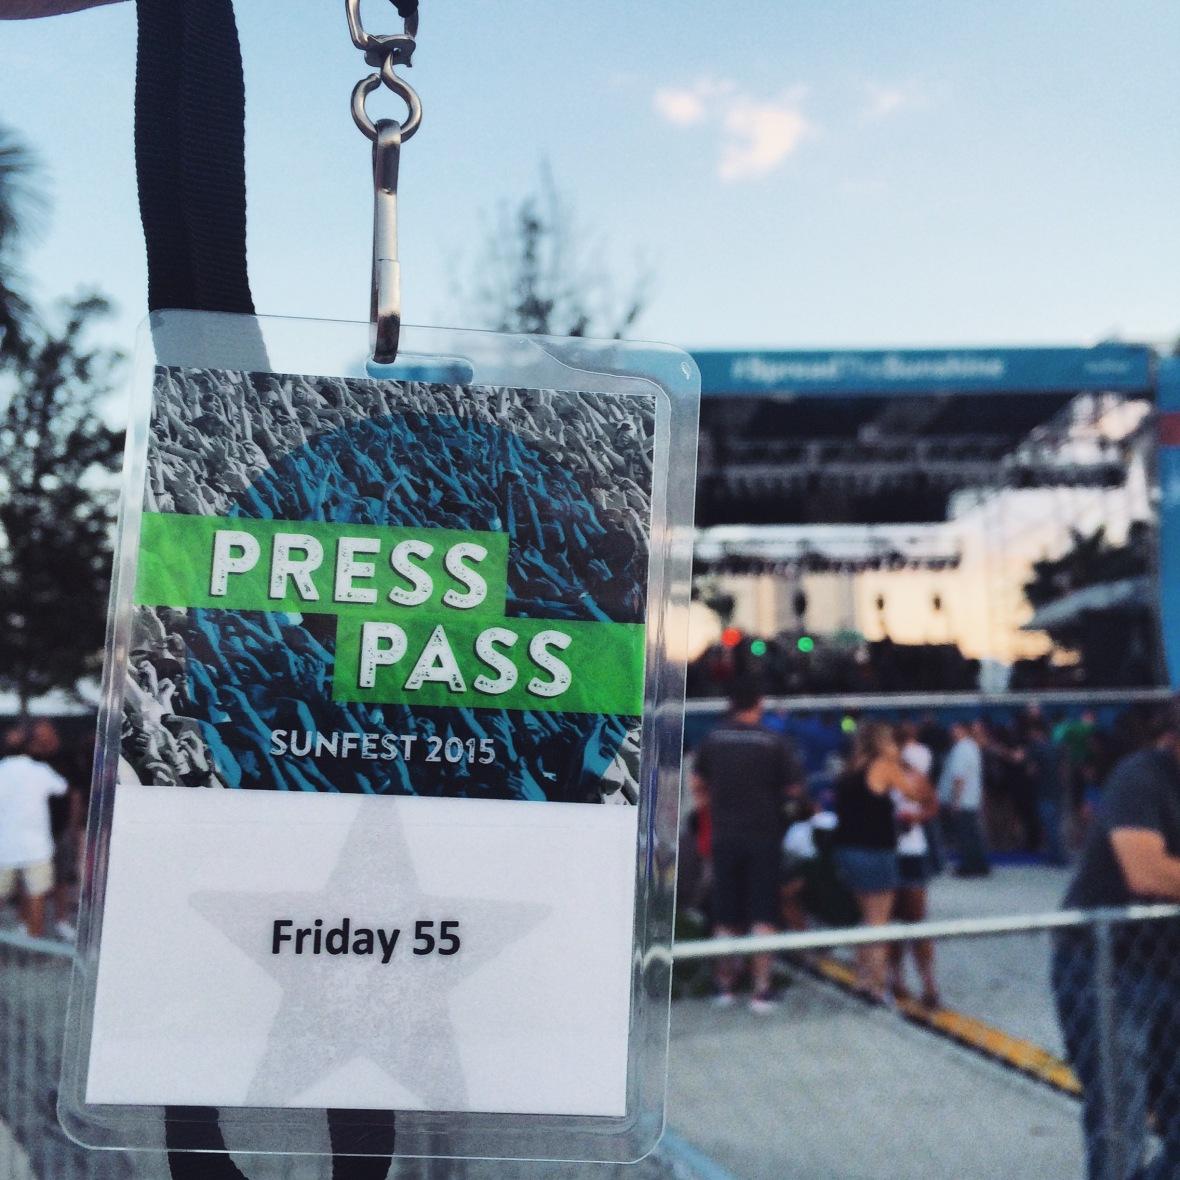 presspasssunfest